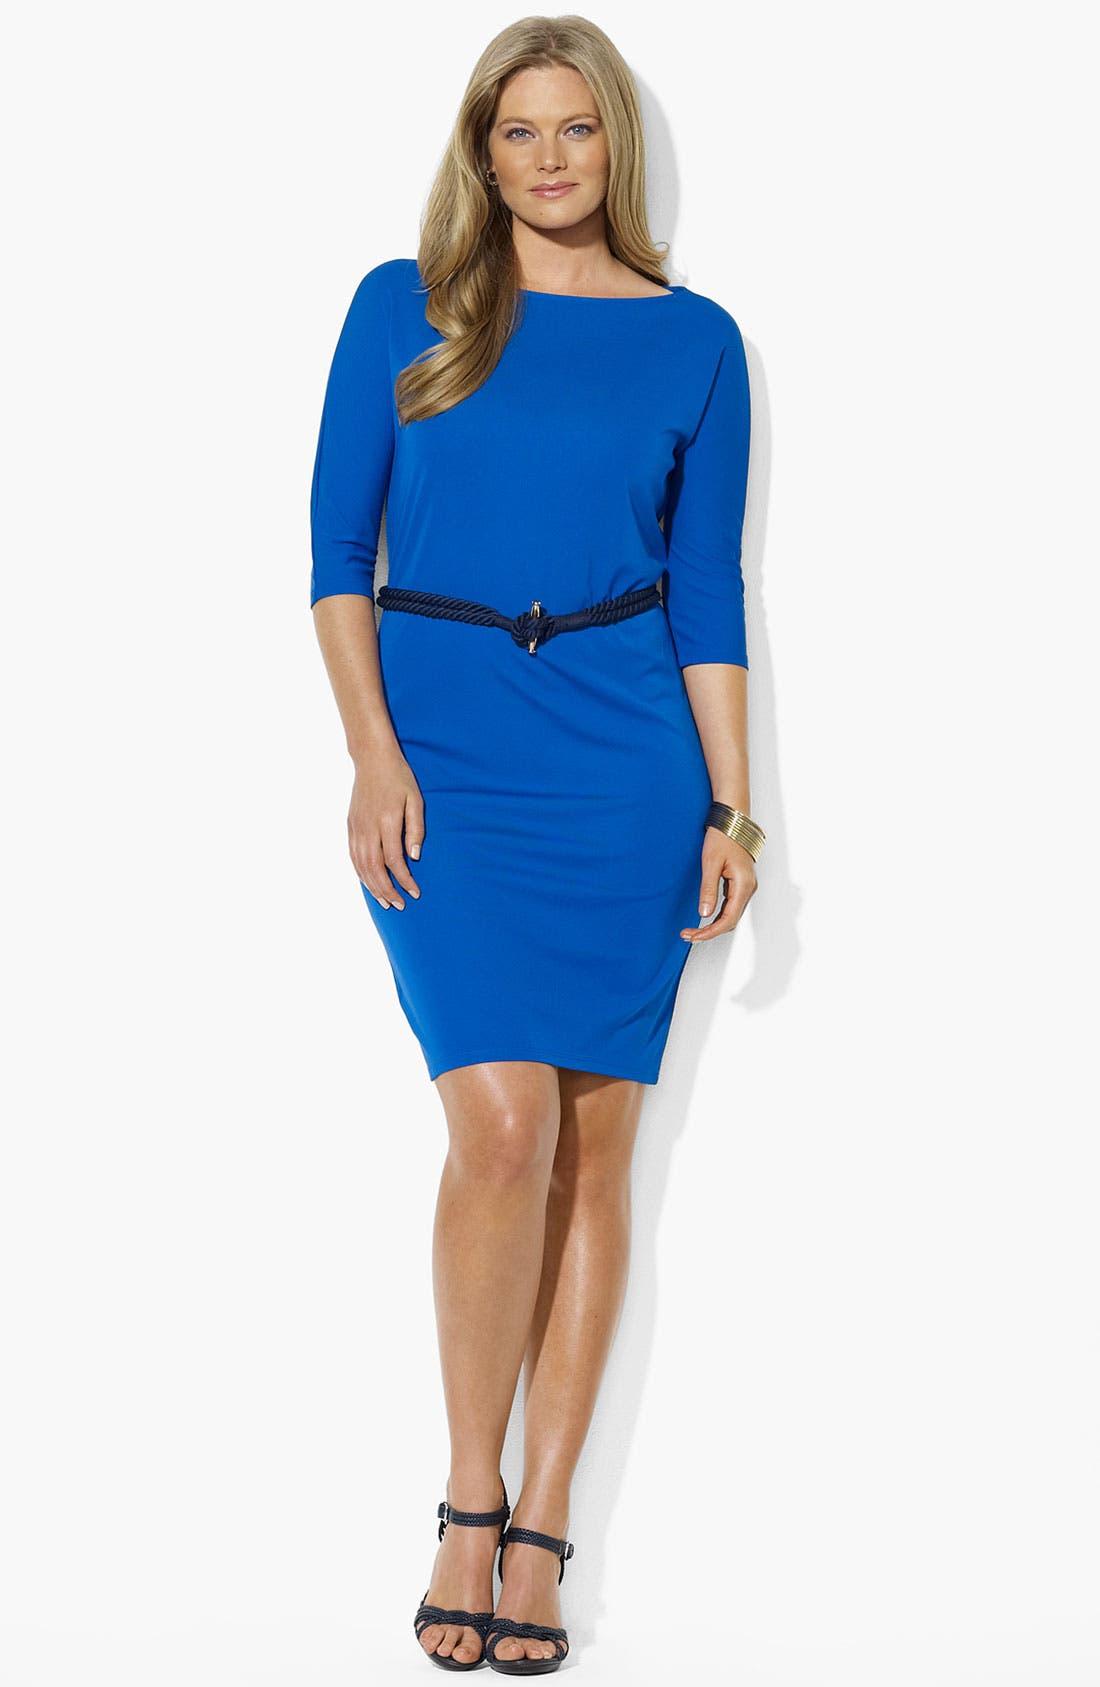 Alternate Image 1 Selected - Lauren Ralph Lauren Belted Dress (Plus Size)